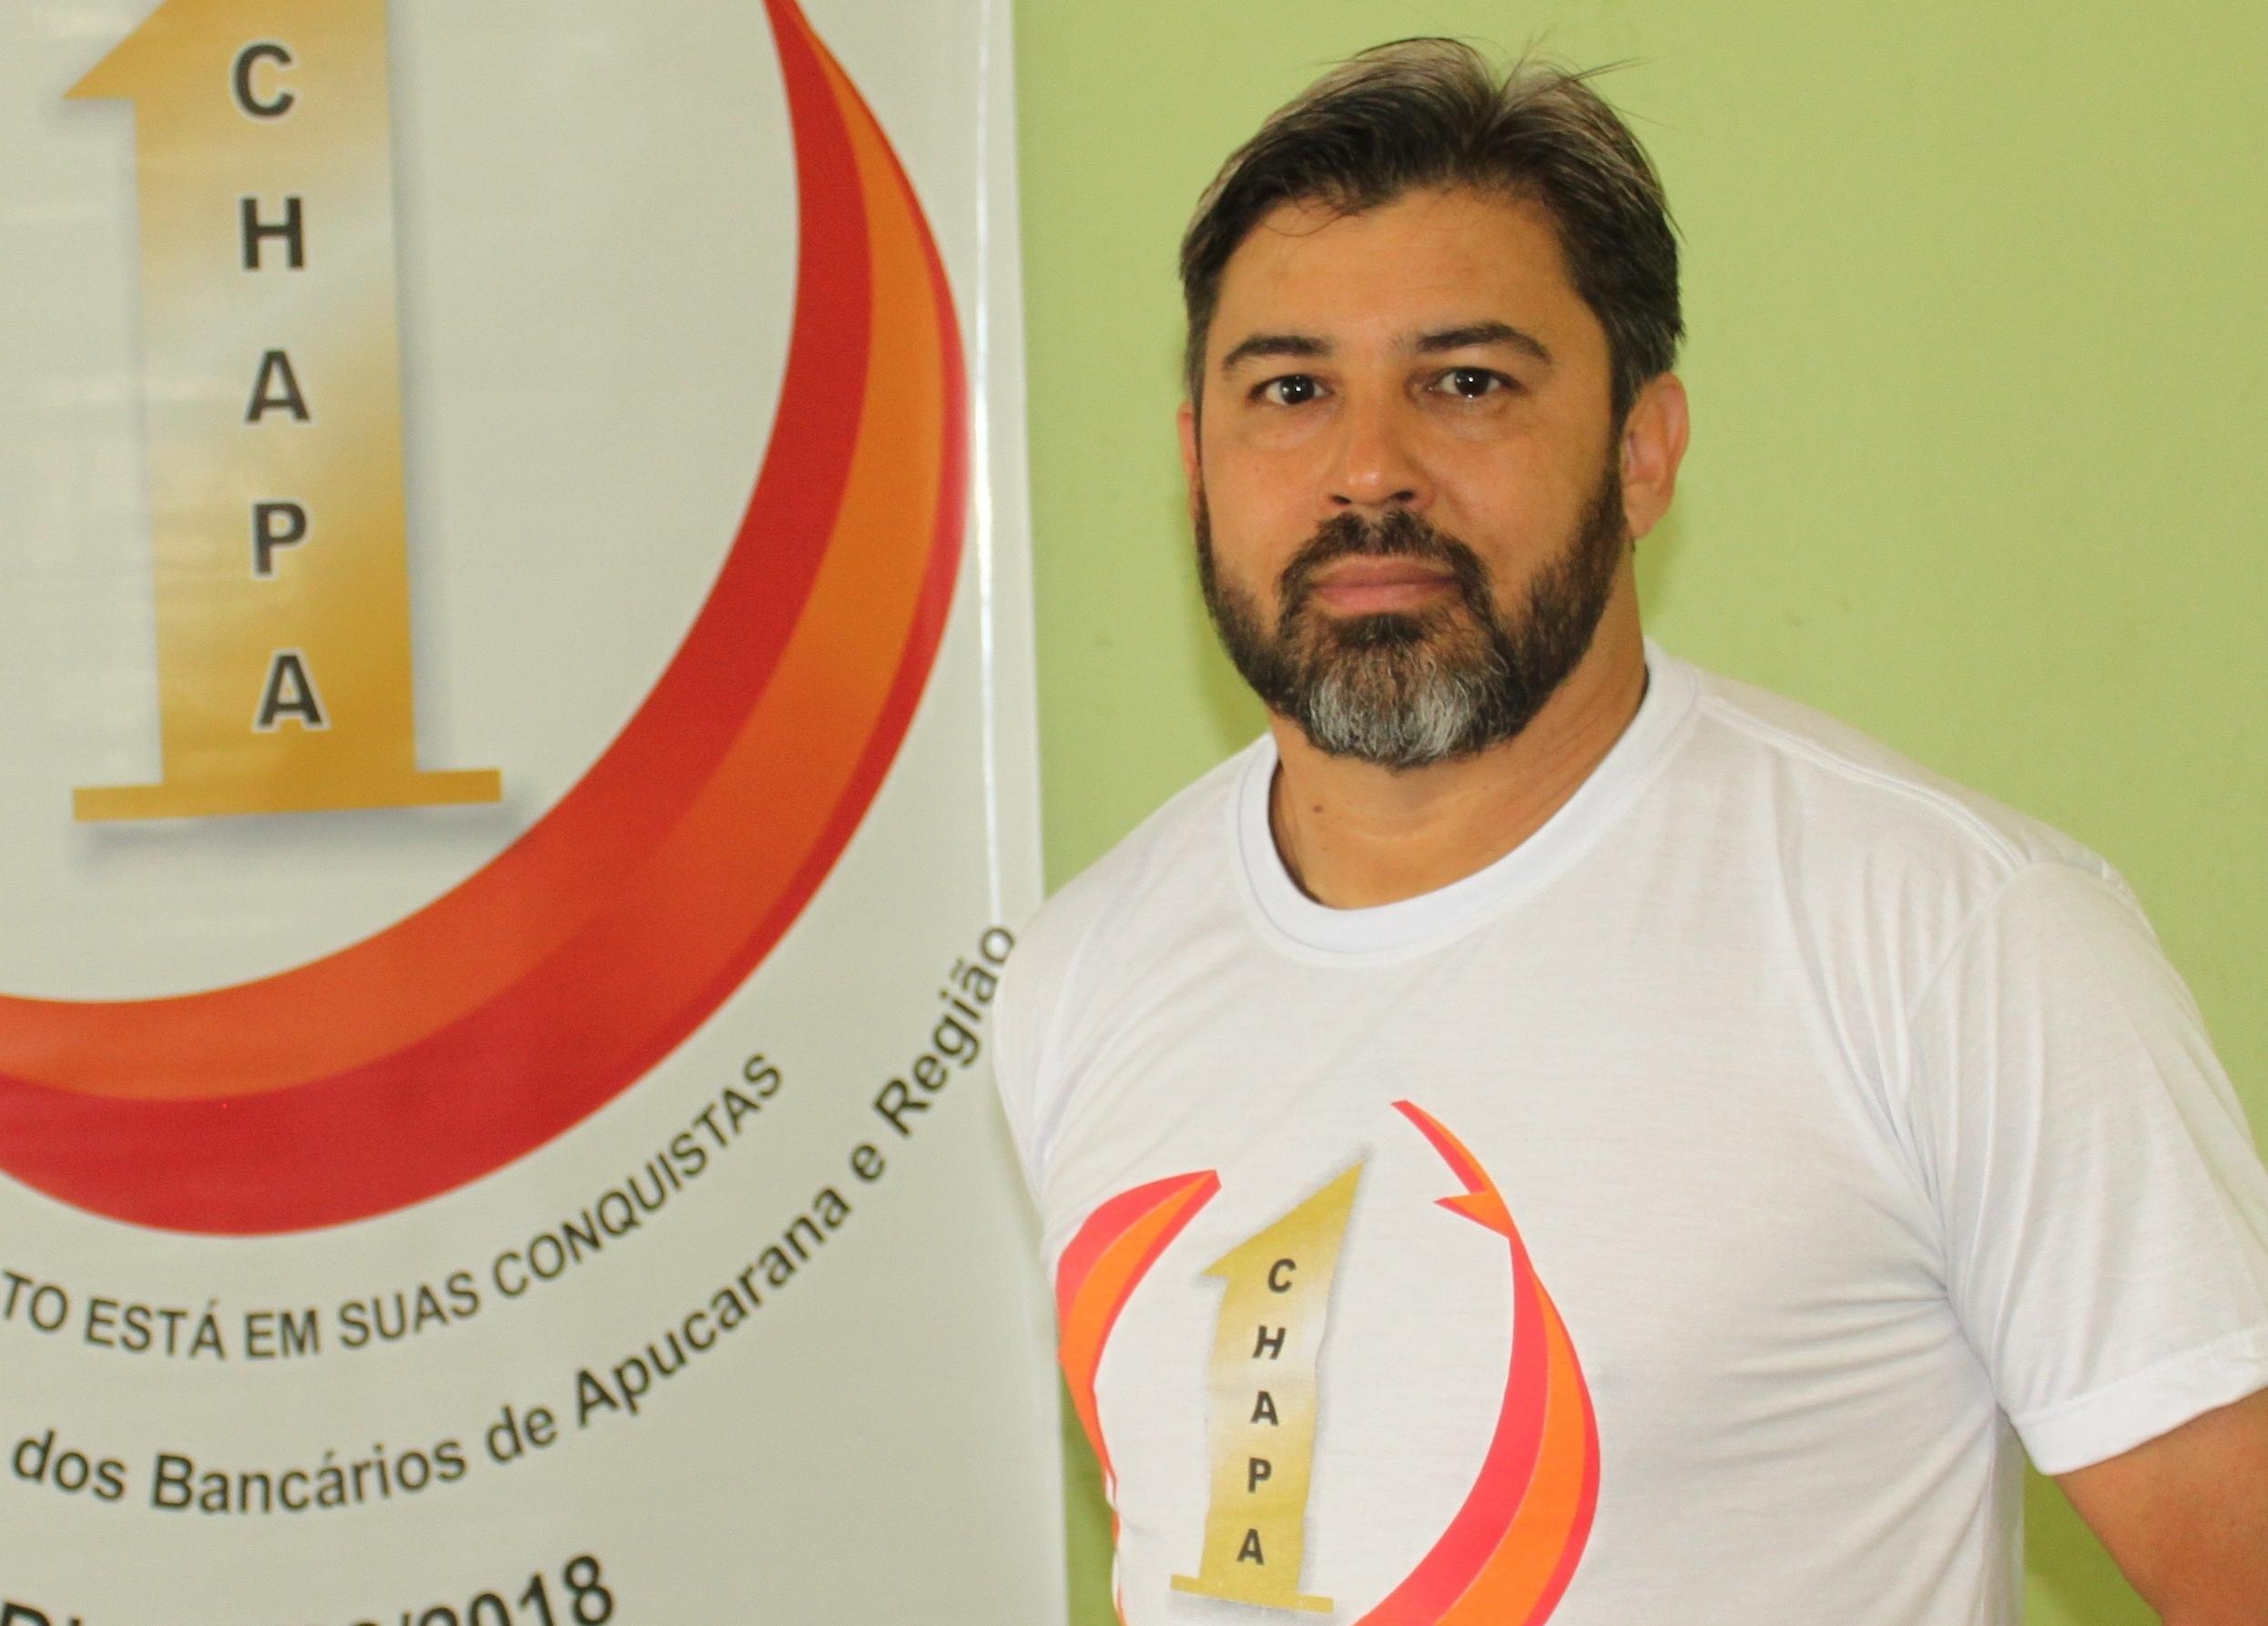 Agnaldo Ferreira Gonçalves - Sec. de finanças - Santander Apucarana